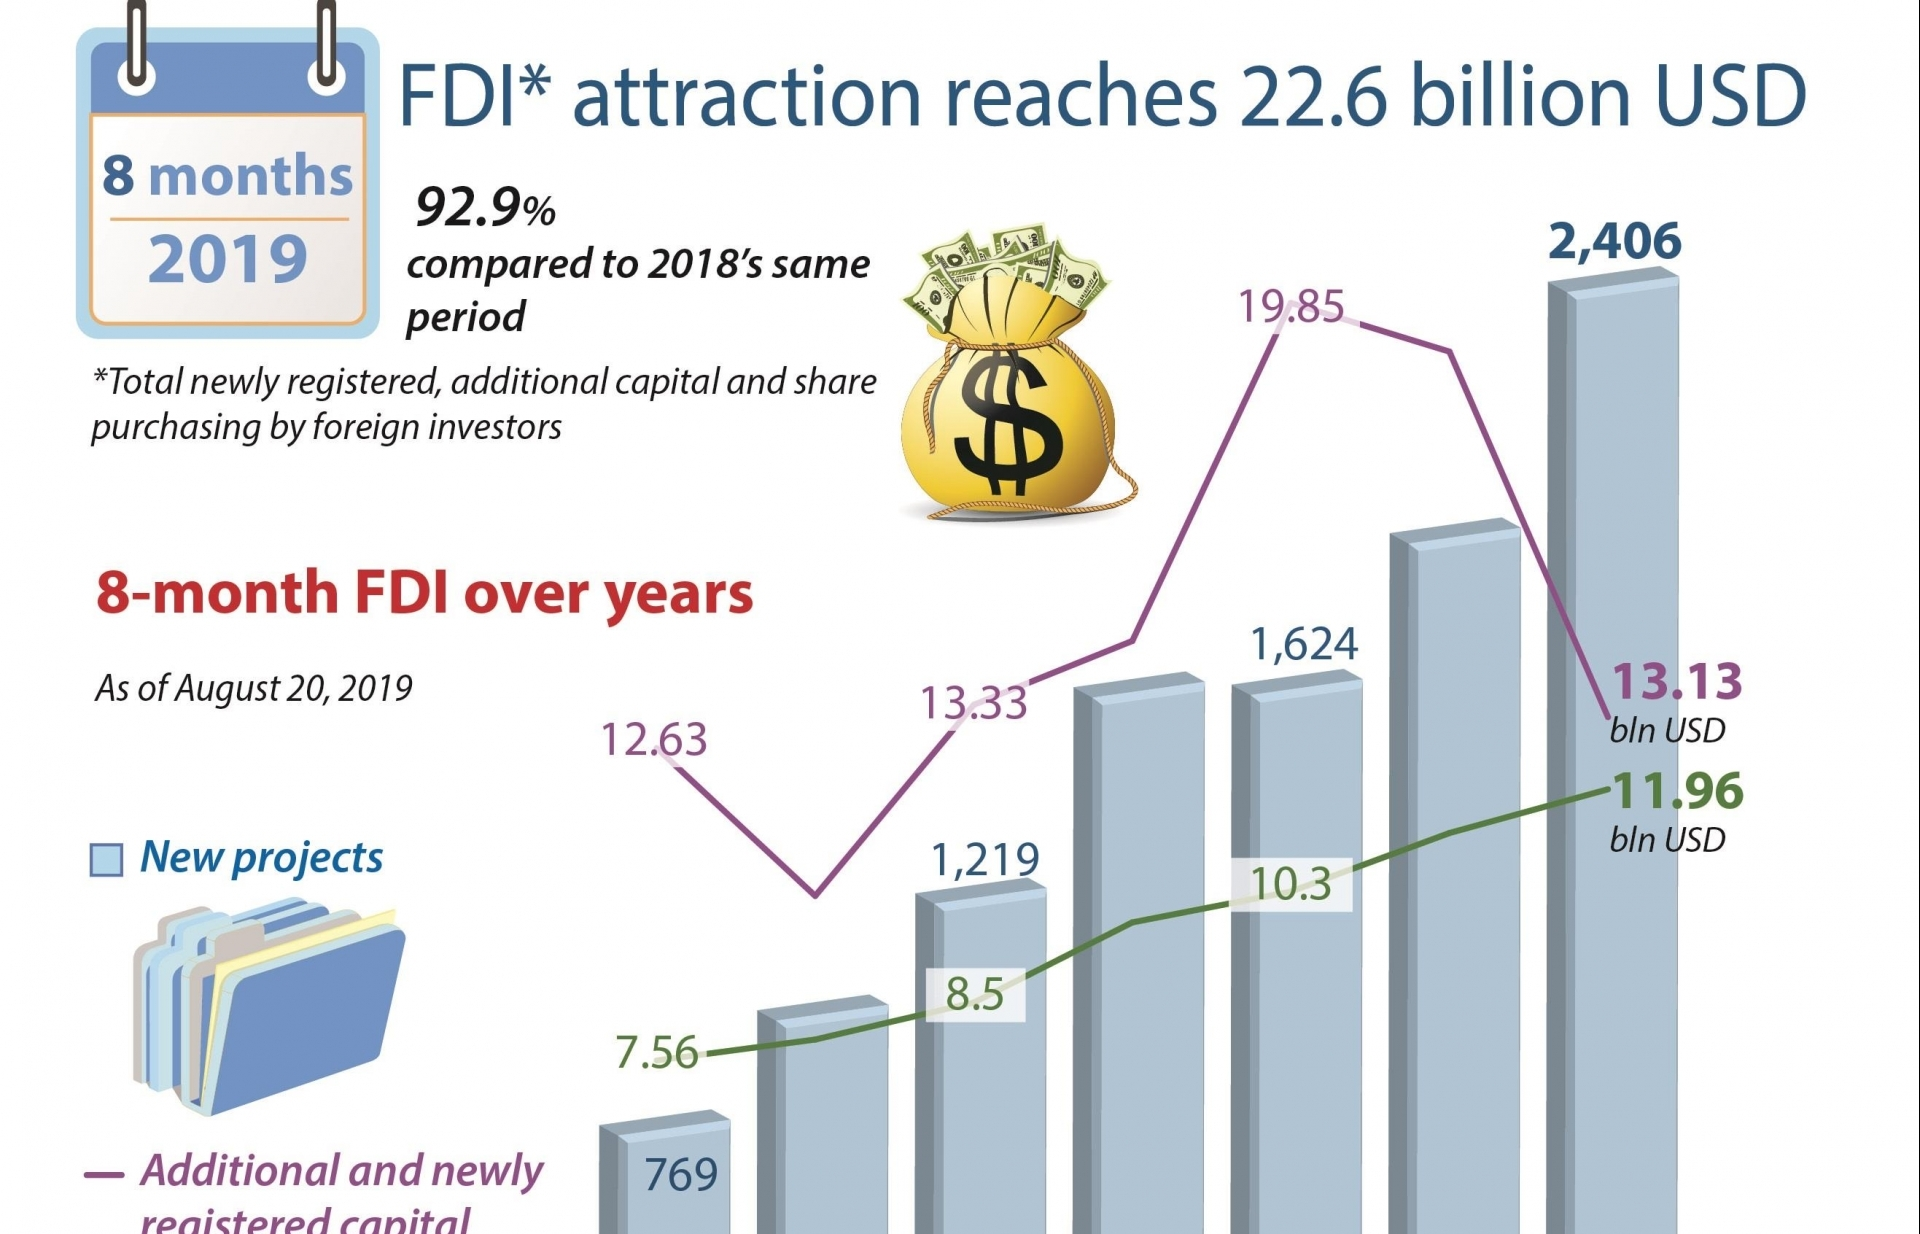 FDI in eight months reaches 22.6 billion USD